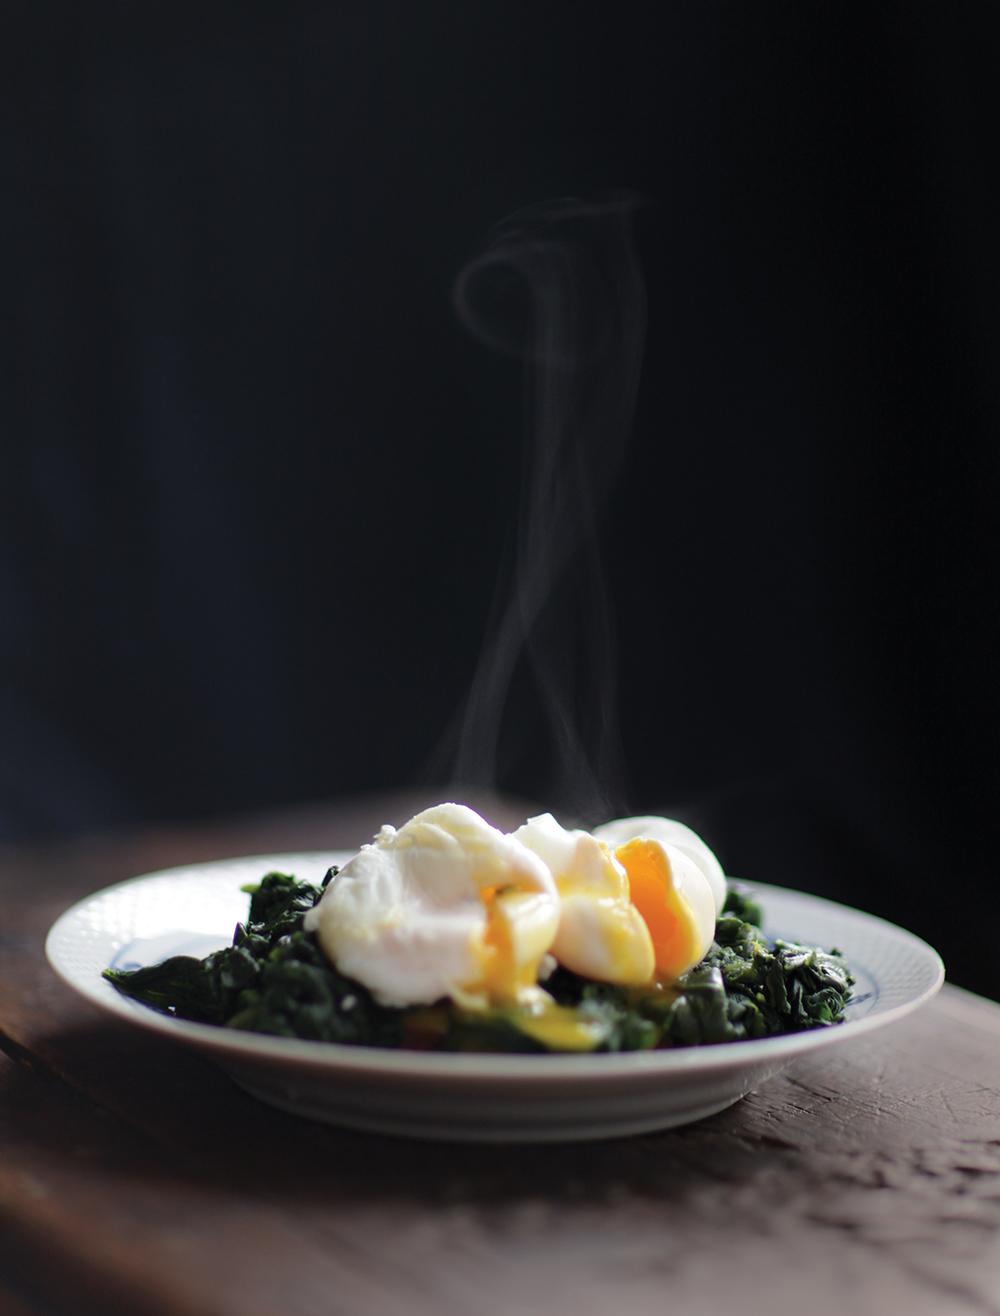 Pocherede æg spinat.jpg